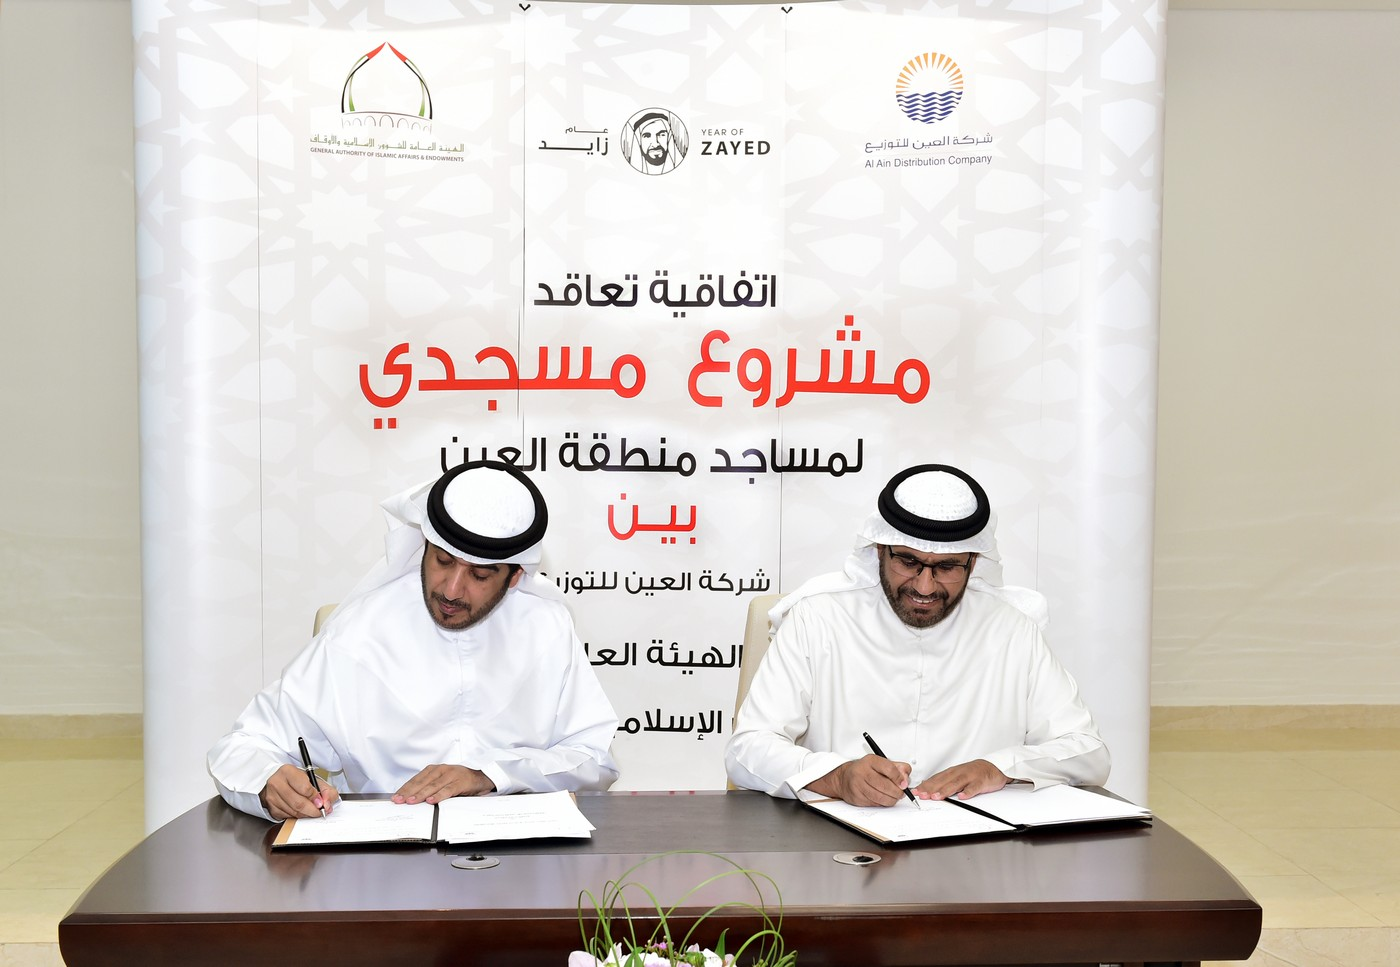 الشؤون الإسلامية وشركة العين للتوزيع  توقعان اتفاقية  مبادرة مسجدي لتوفير المياه في المساجد